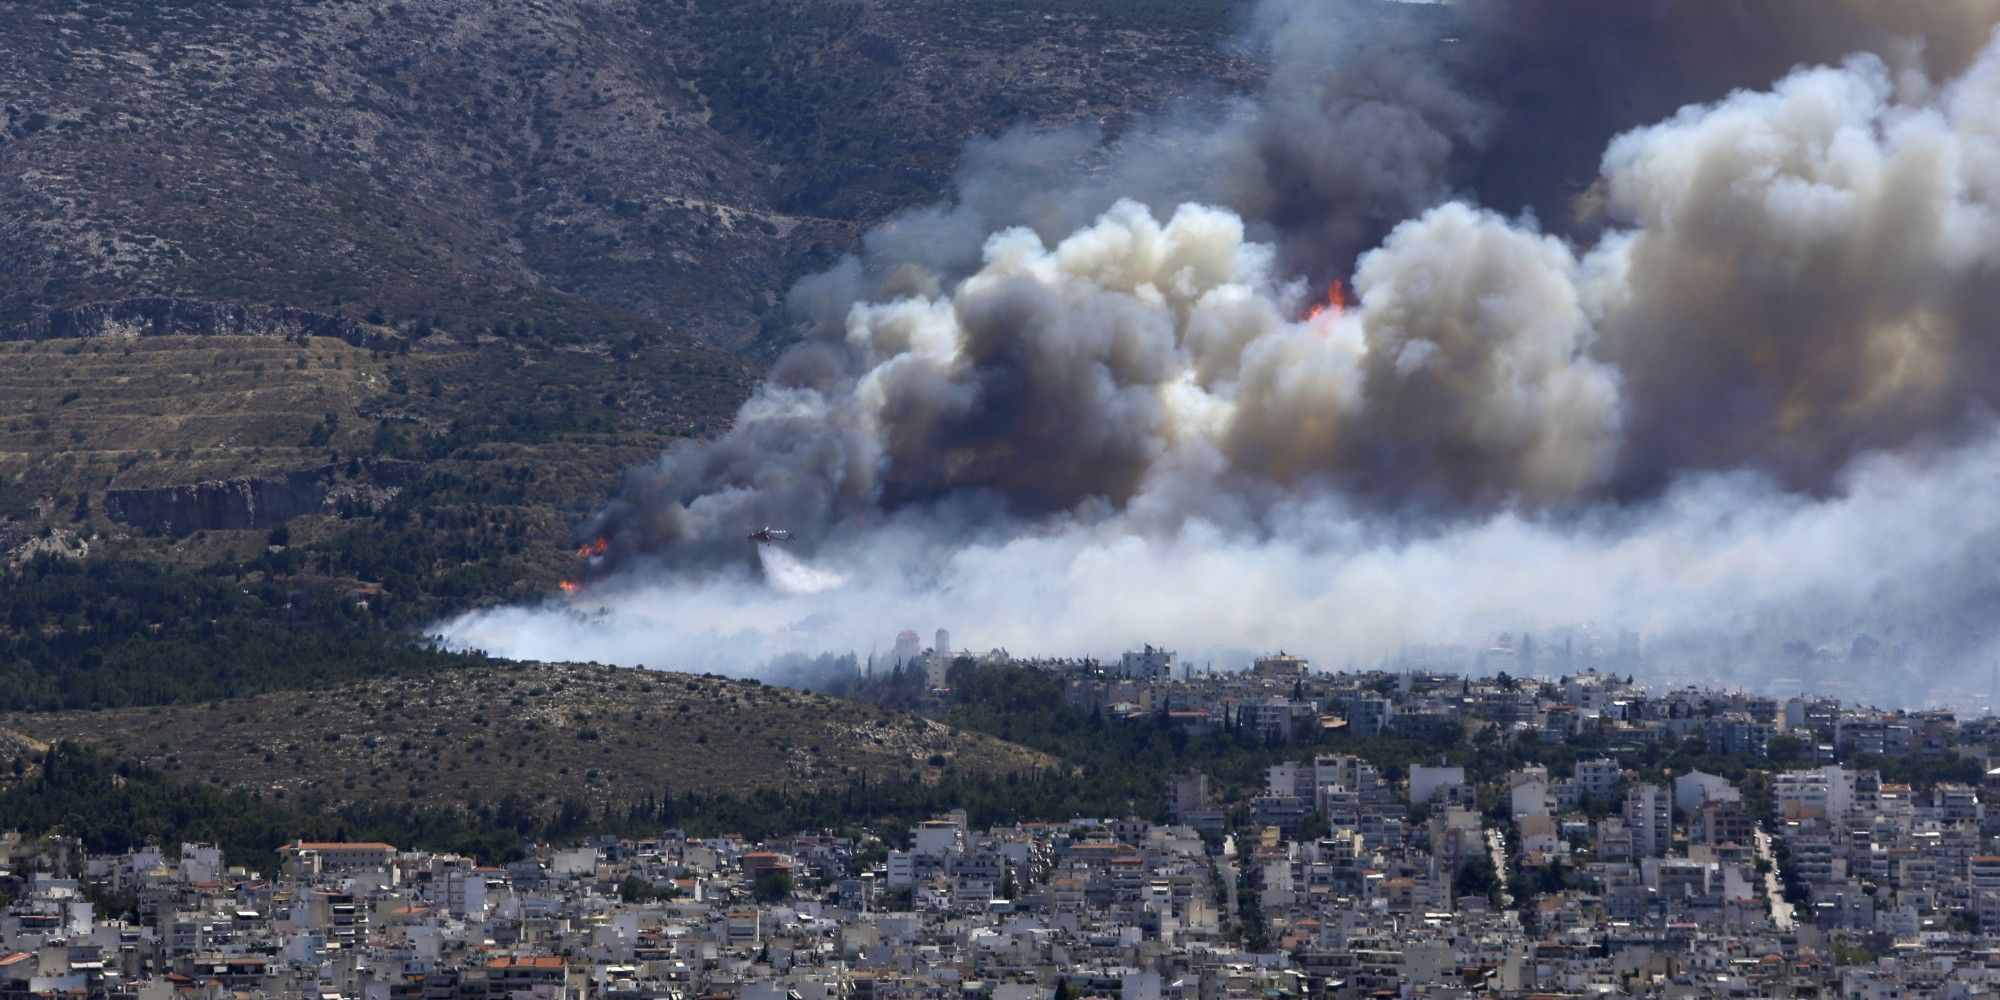 Grecia incendi ad atene e laconia minacciate le case for Case mediterranee della california